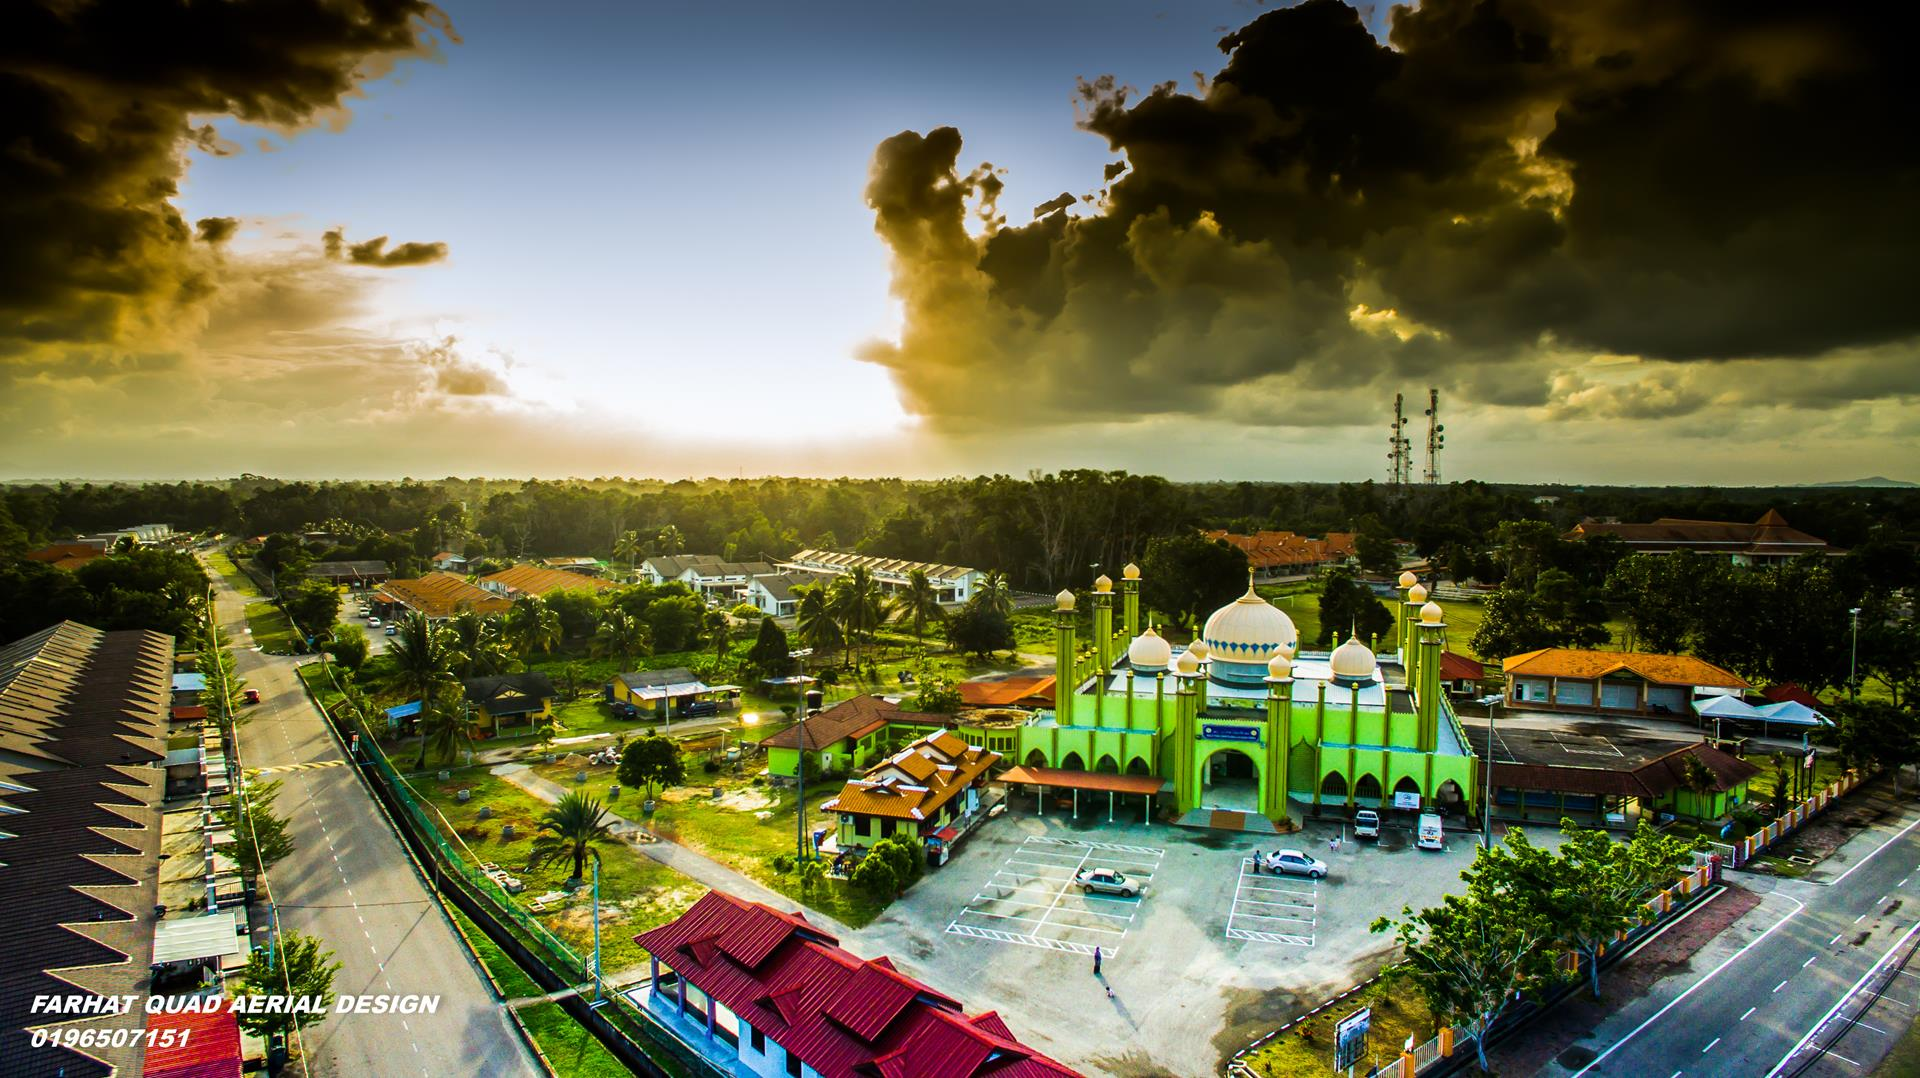 Masjid Rompin aerial fotografi